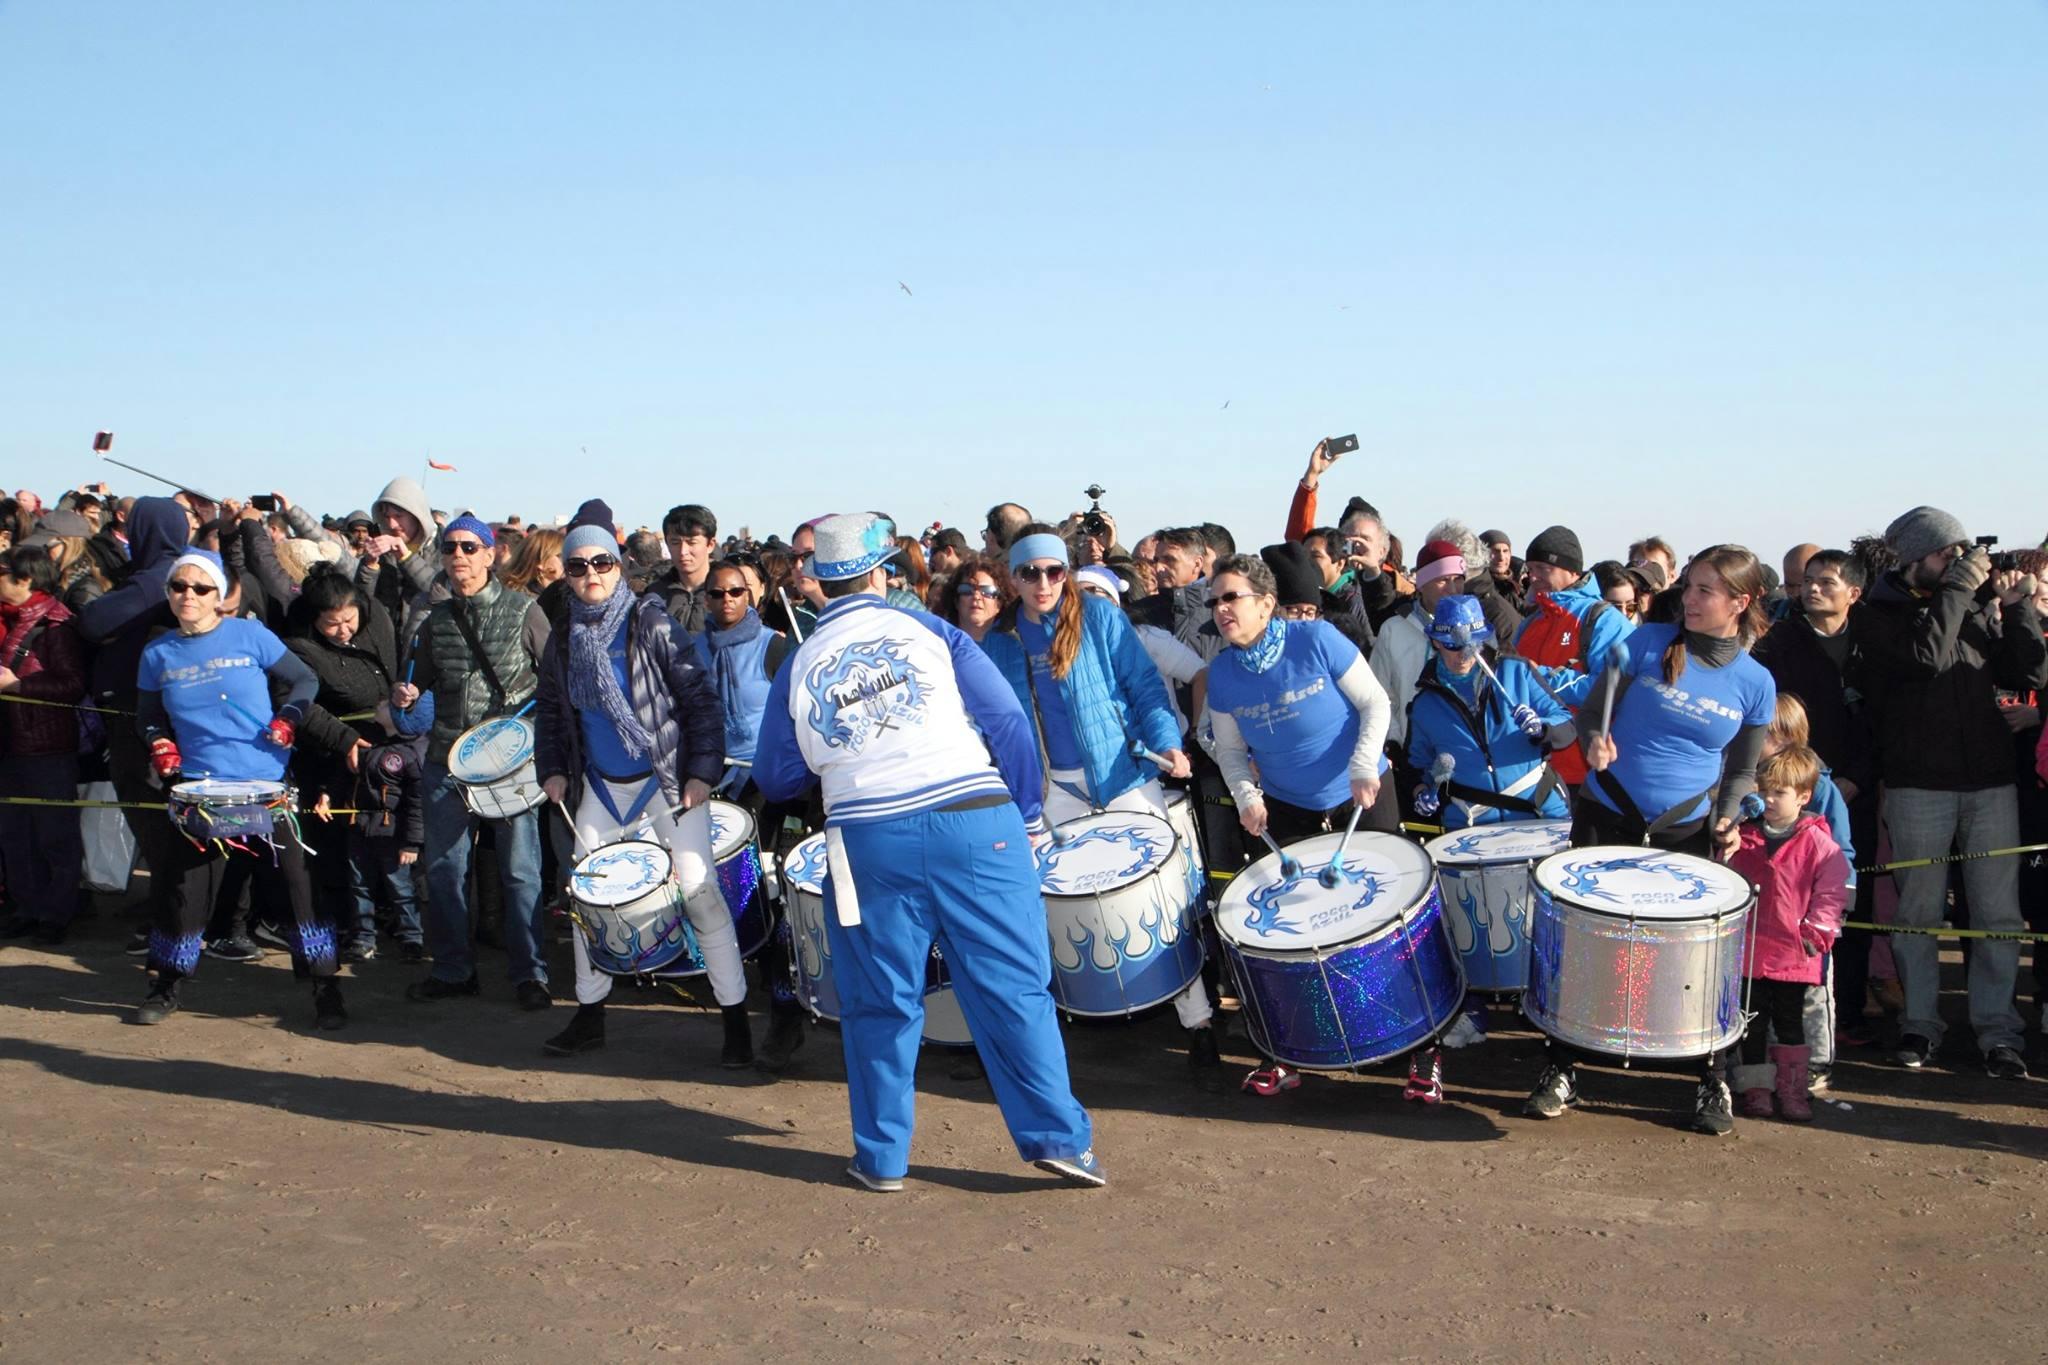 Community Drumline Fogo Azul Nyc Announces Open Rehearsals Prunderground